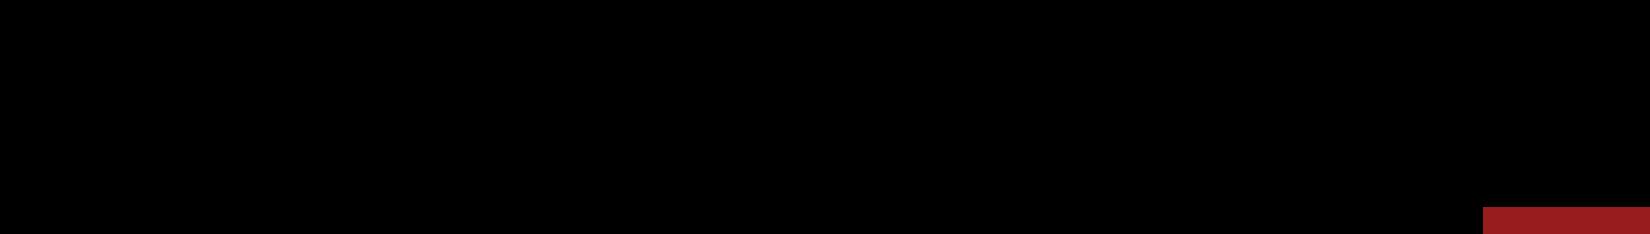 Articulate Logo Black